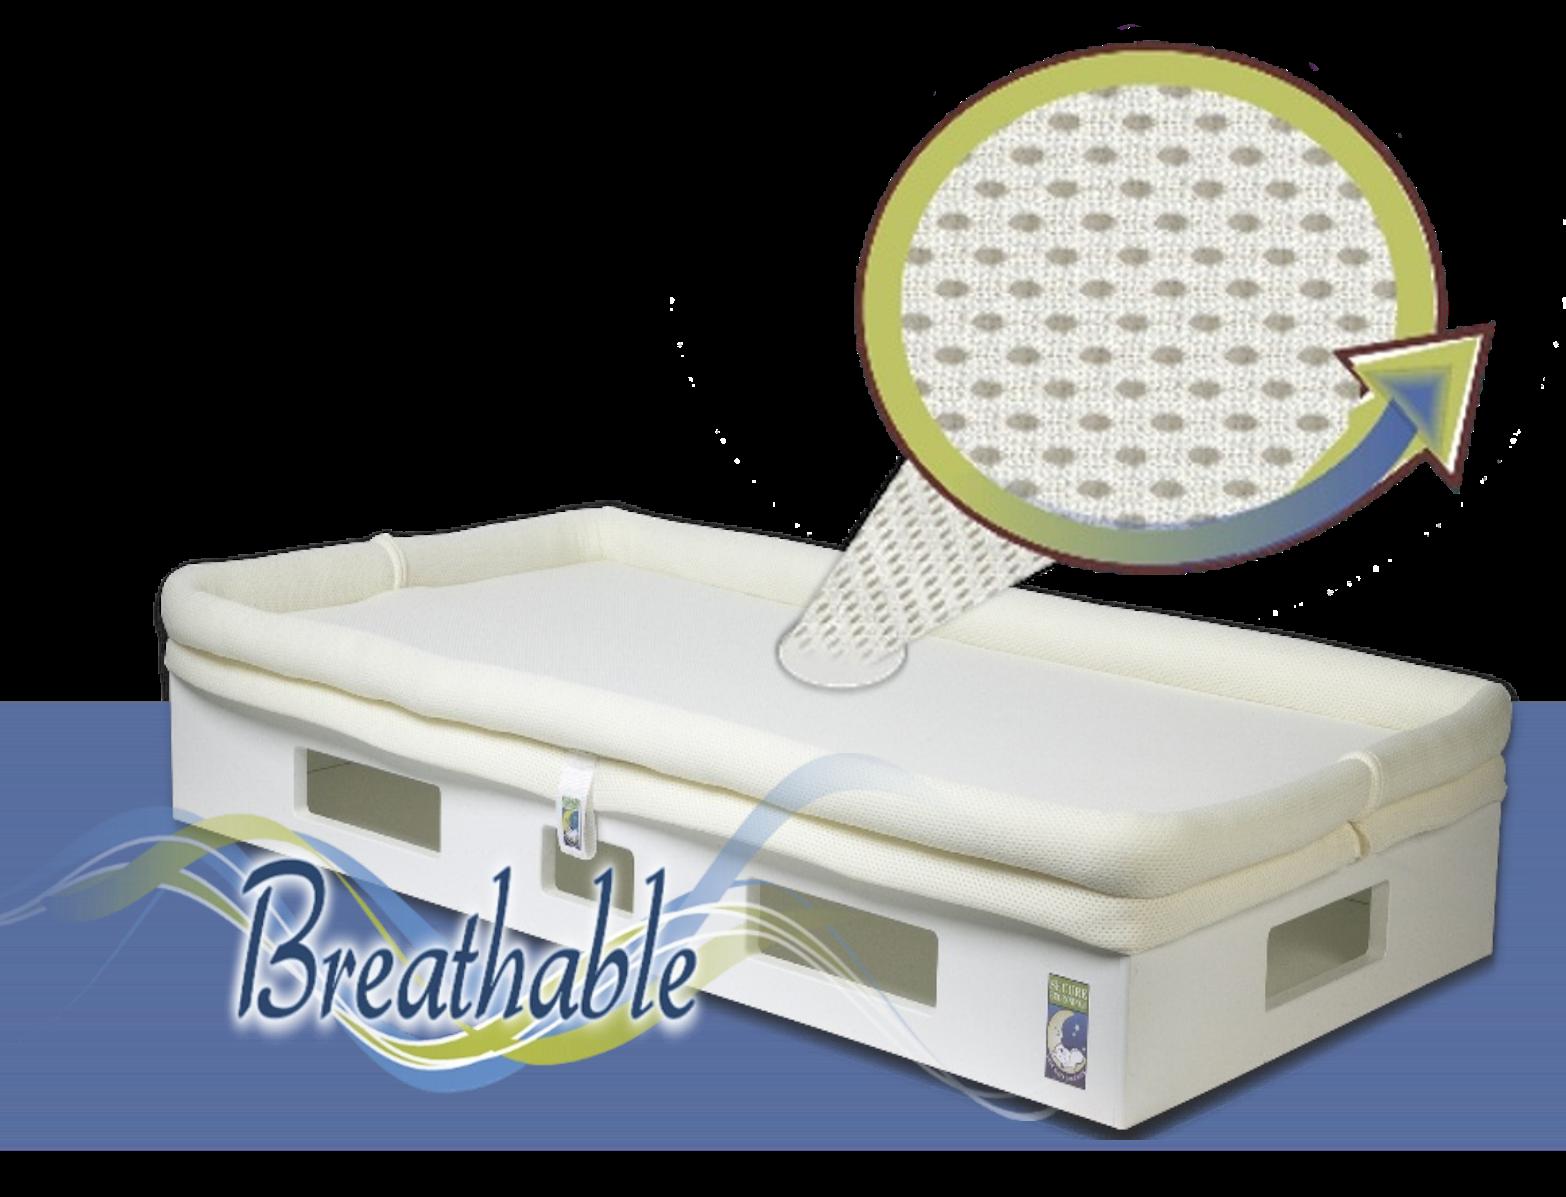 die besten 25 babymatratze ideen auf pinterest saubere matratze flecken gebeizt und. Black Bedroom Furniture Sets. Home Design Ideas